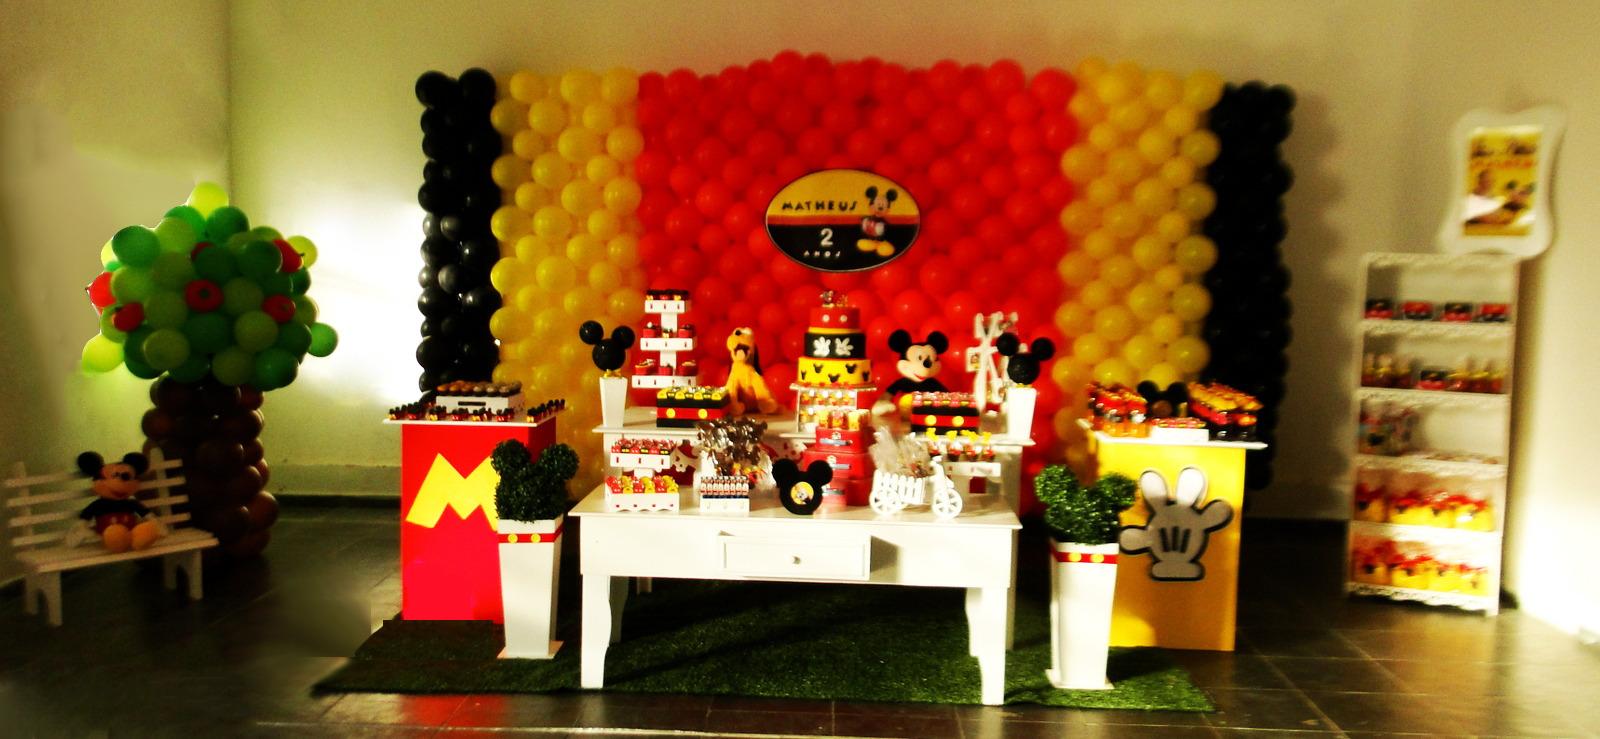 decoracao festa mickey : decoracao festa mickey:Decoracao Festa Mickey Decoracao De Festa Provencal E Clean Car